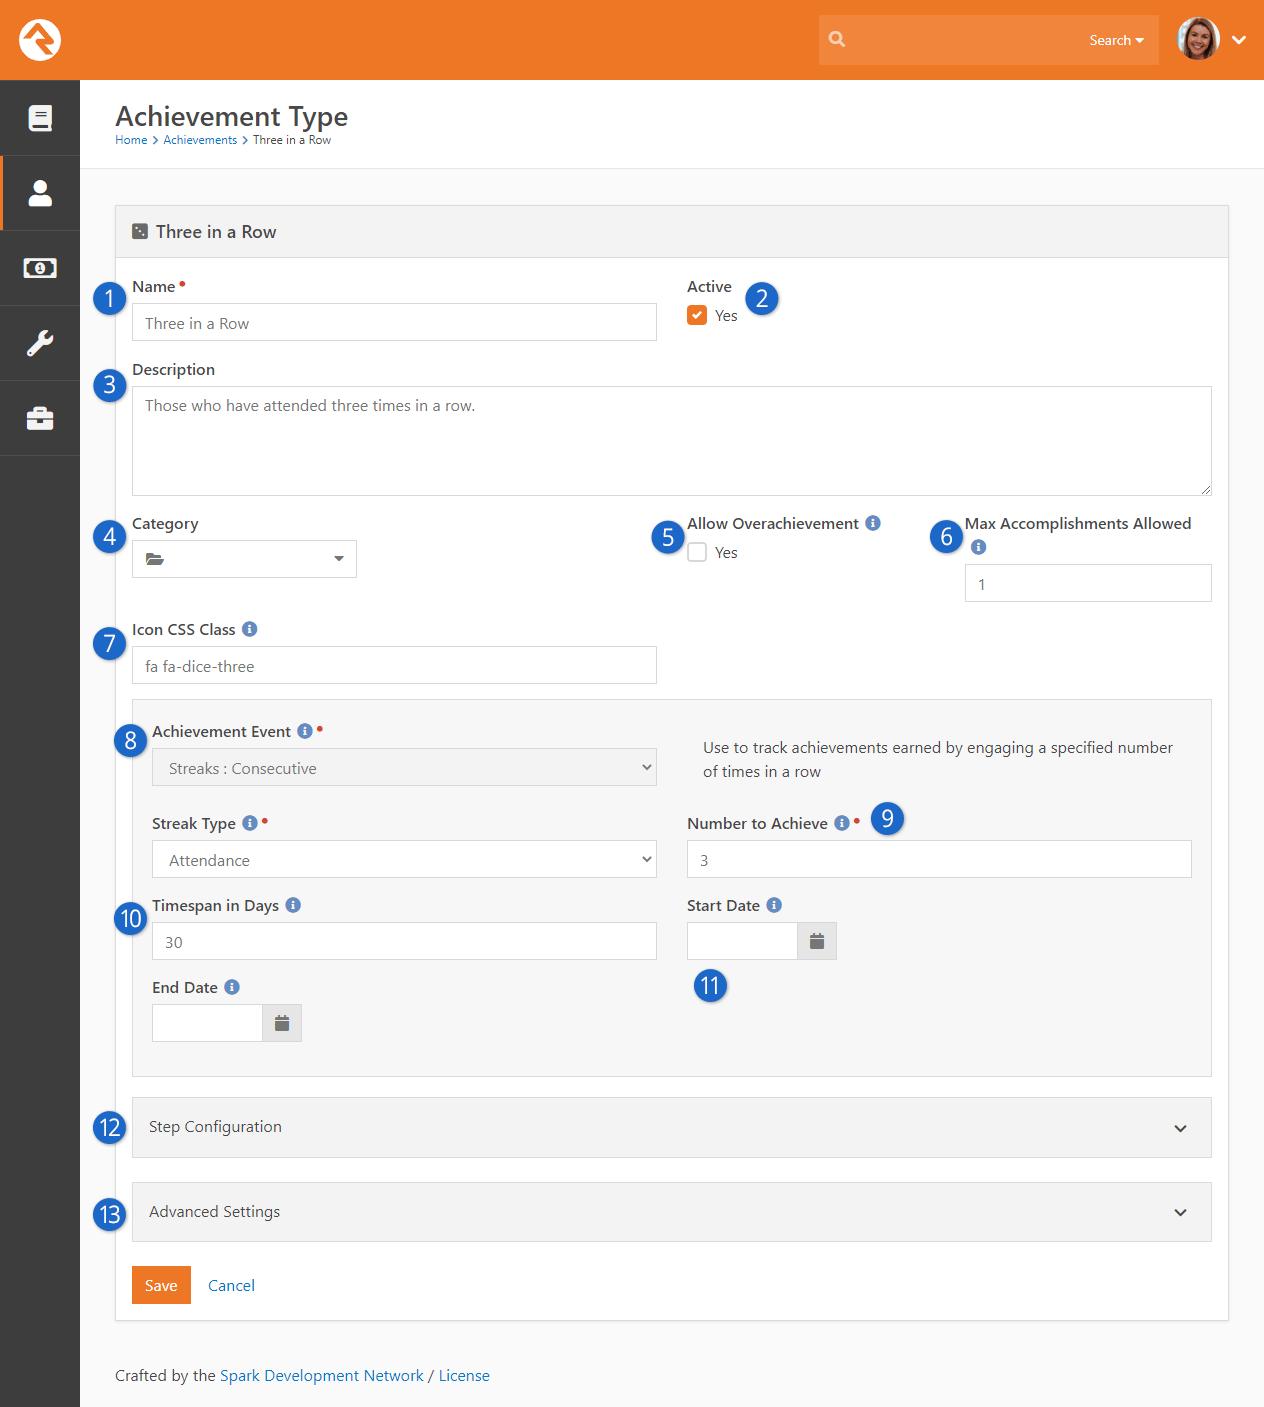 Add Achievement Type